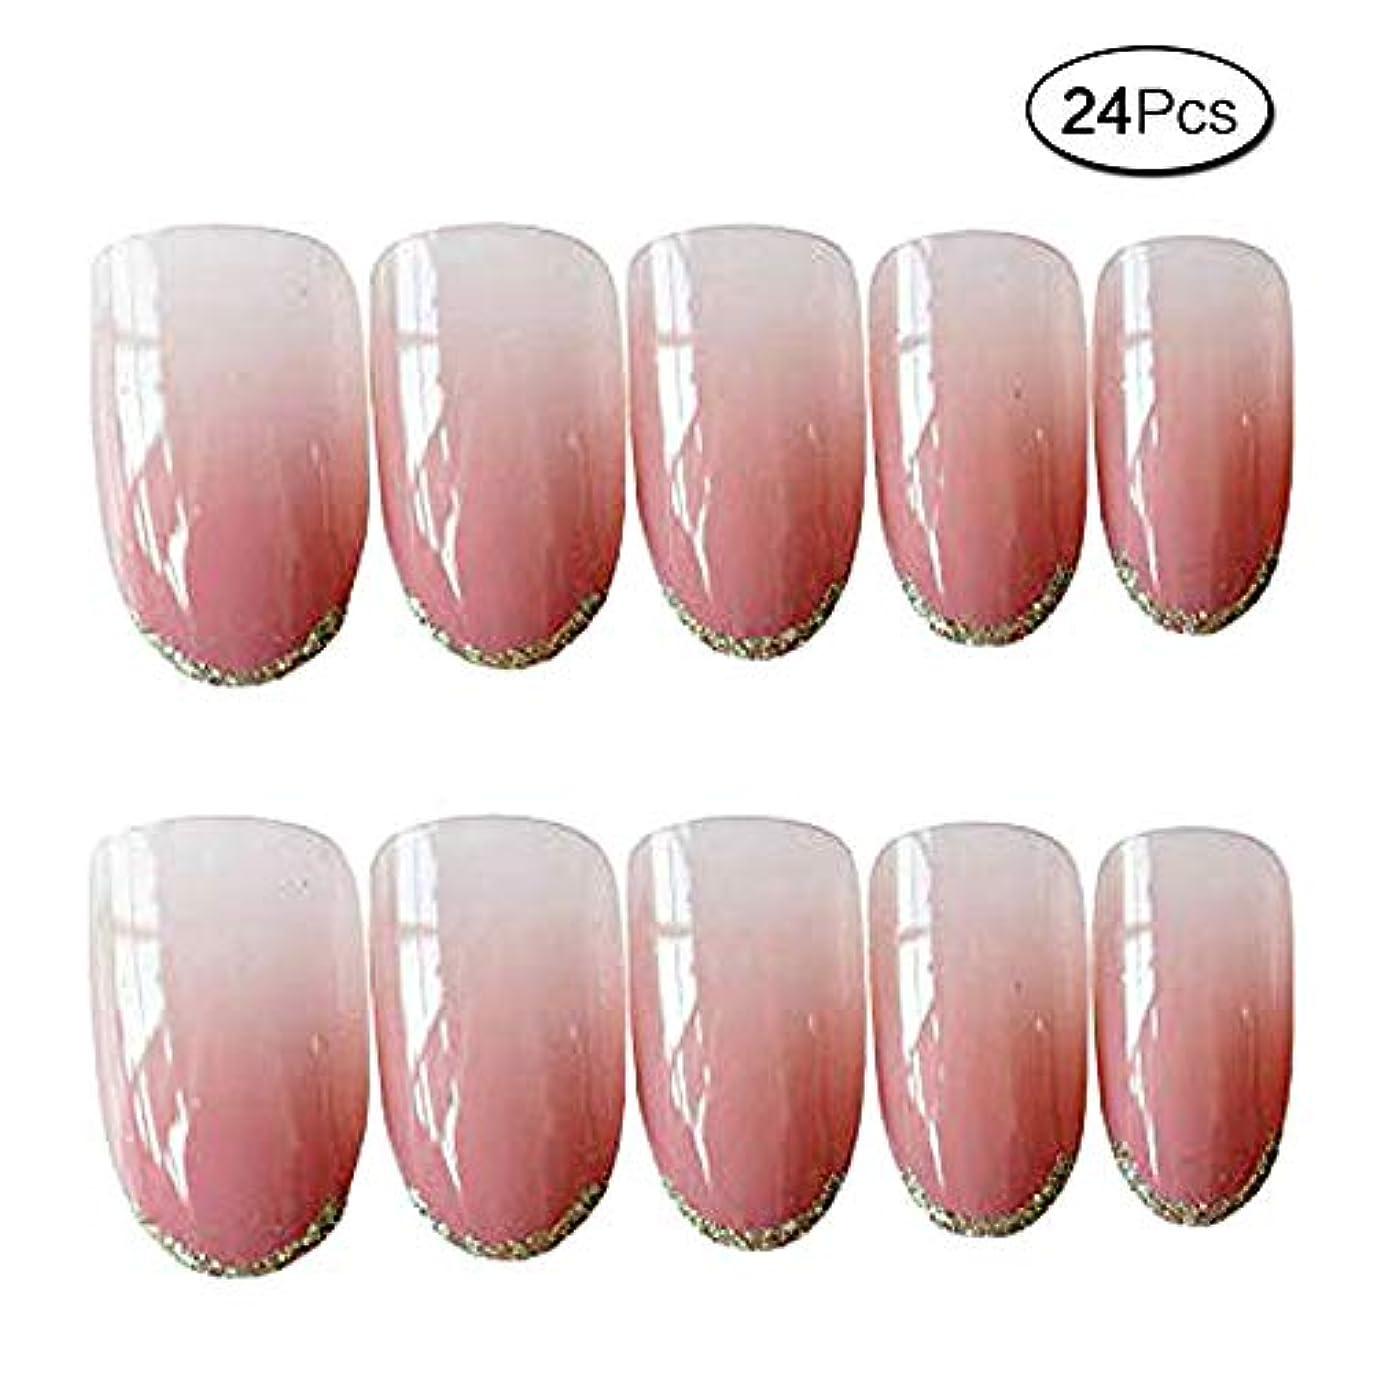 引き受けるきらめく注文24枚入 人気の色 手作りネイルチップ ファッション プノンペン グラデーション色 和風 夢幻